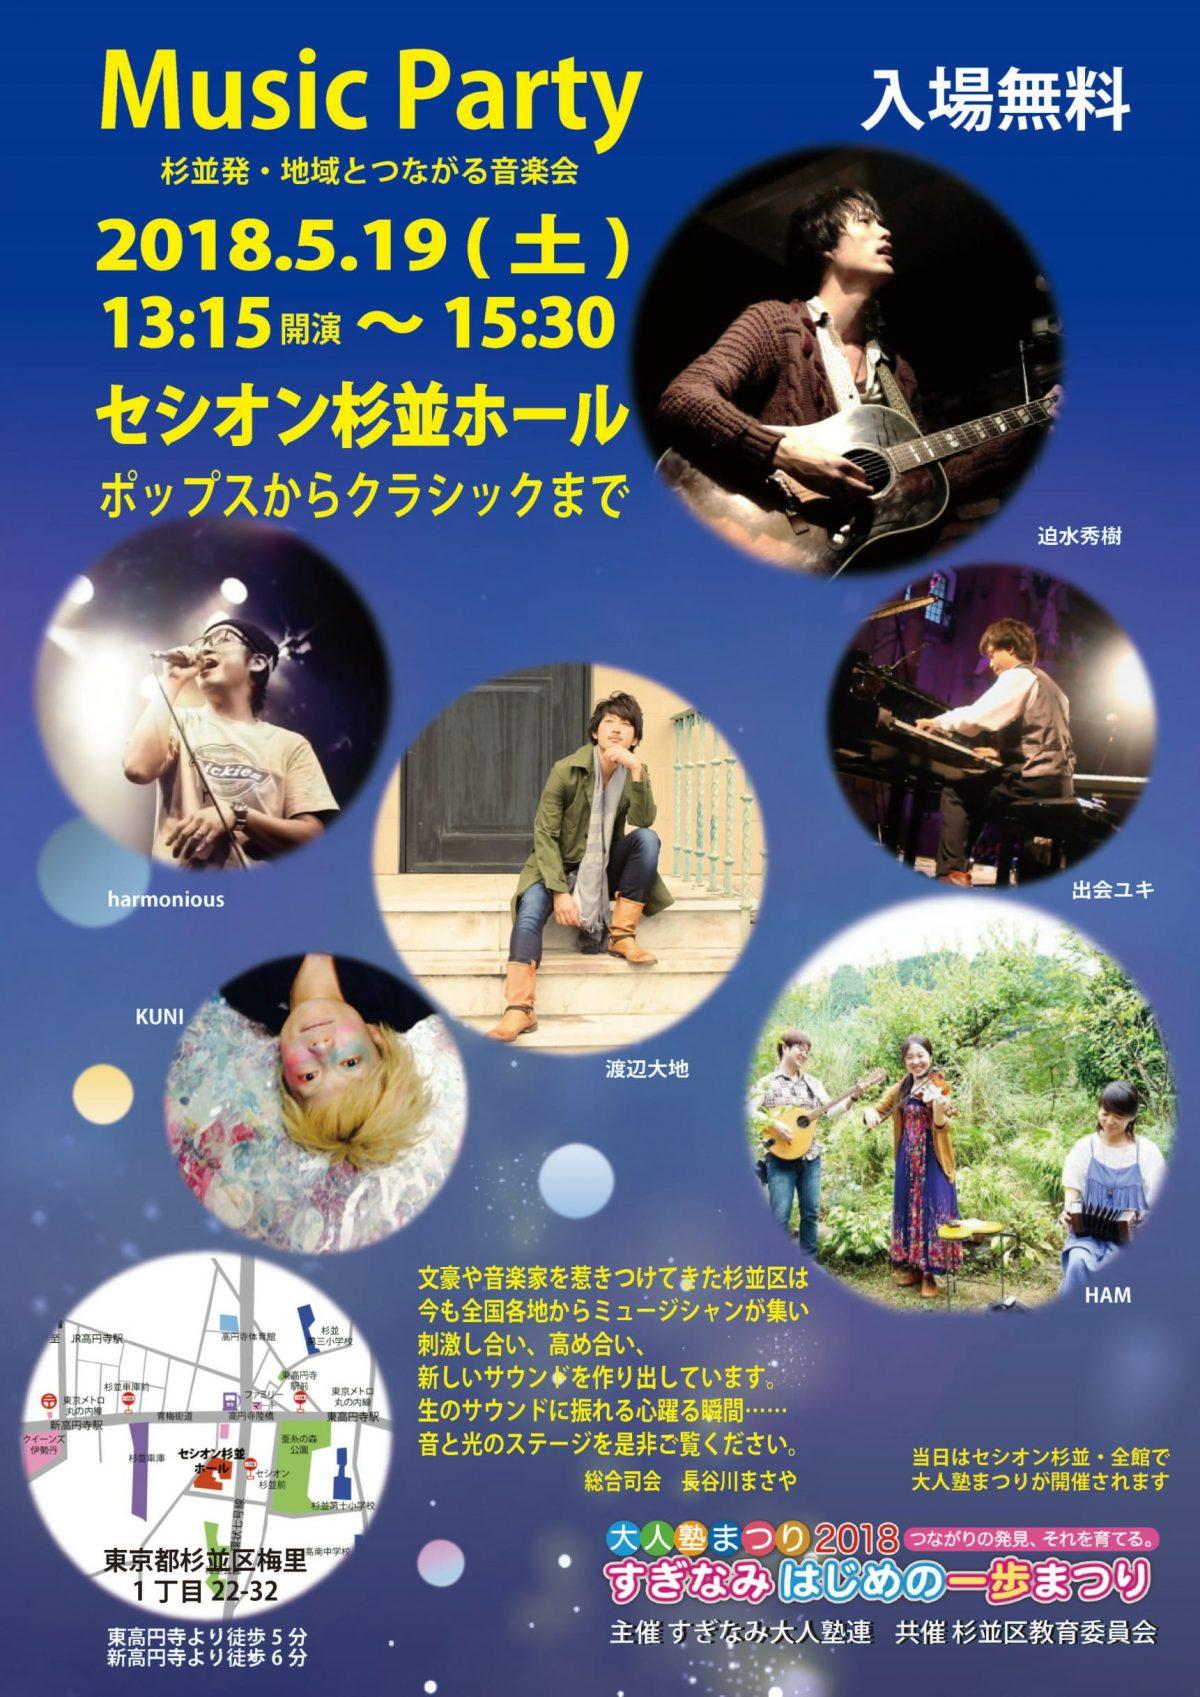 高33期プロデュースの音楽イベント